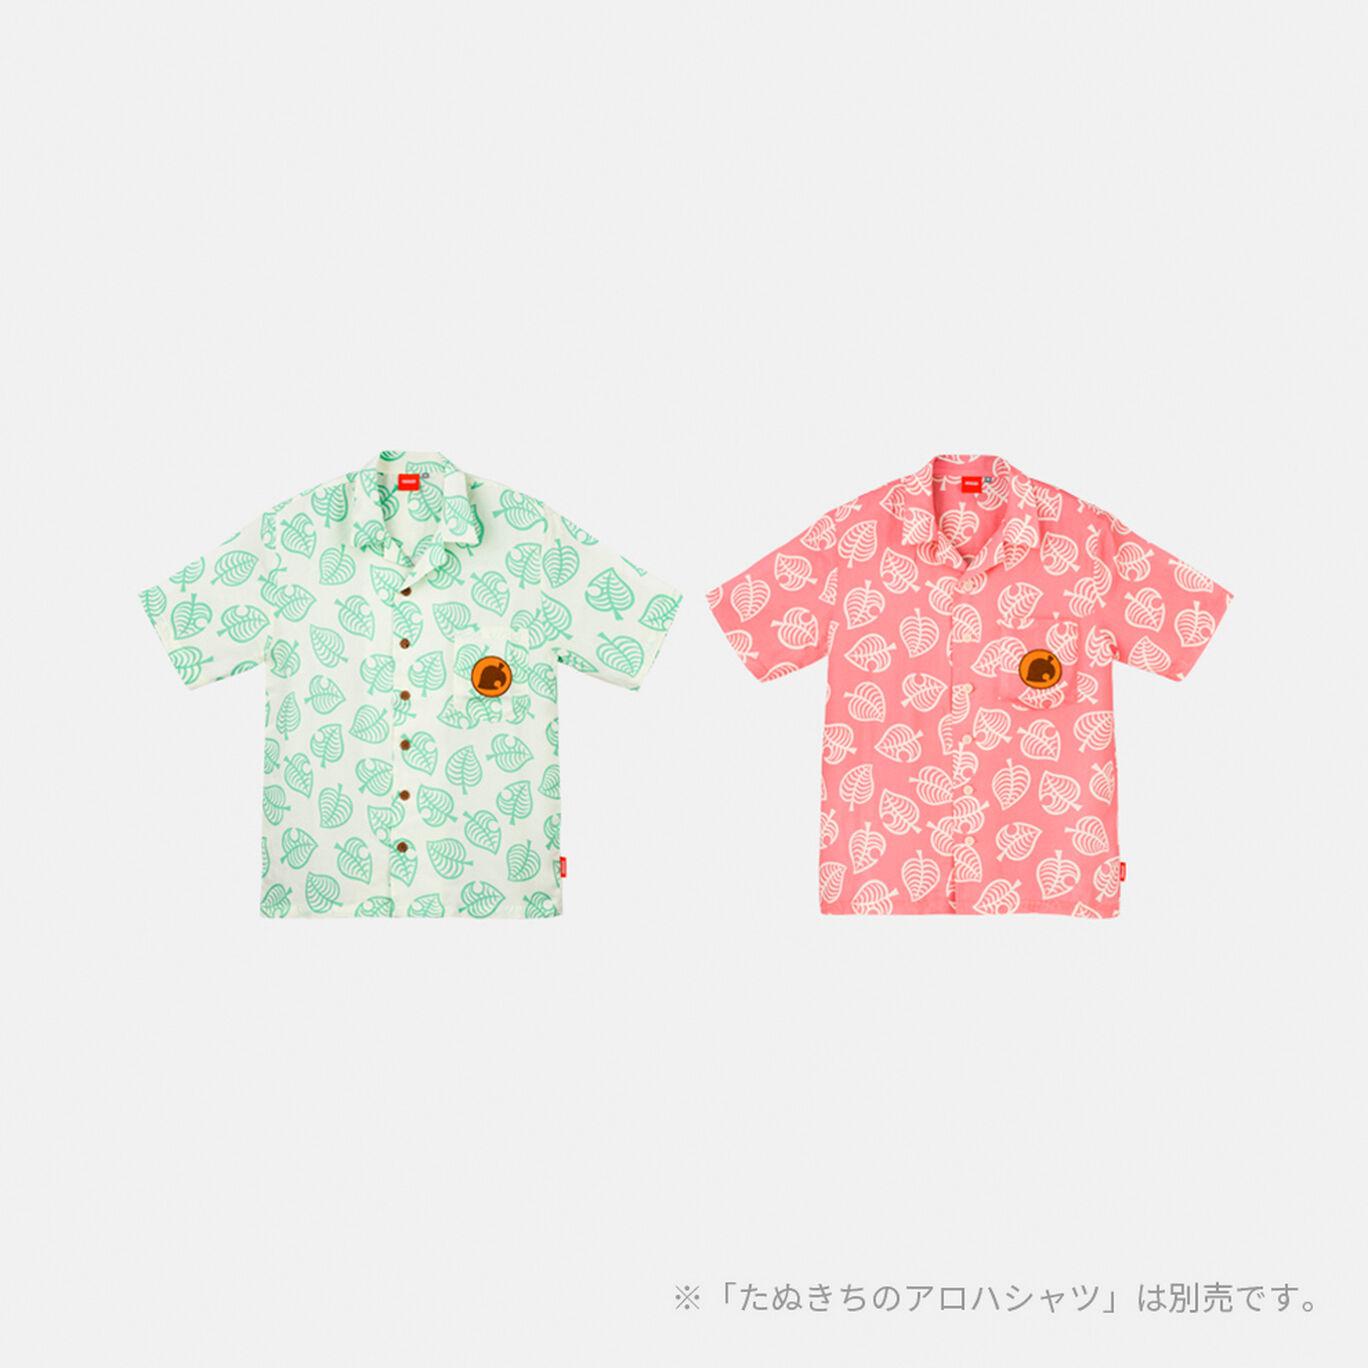 【新商品】しずえのアロハシャツM あつまれ どうぶつの森【Nintendo TOKYO取り扱い商品】